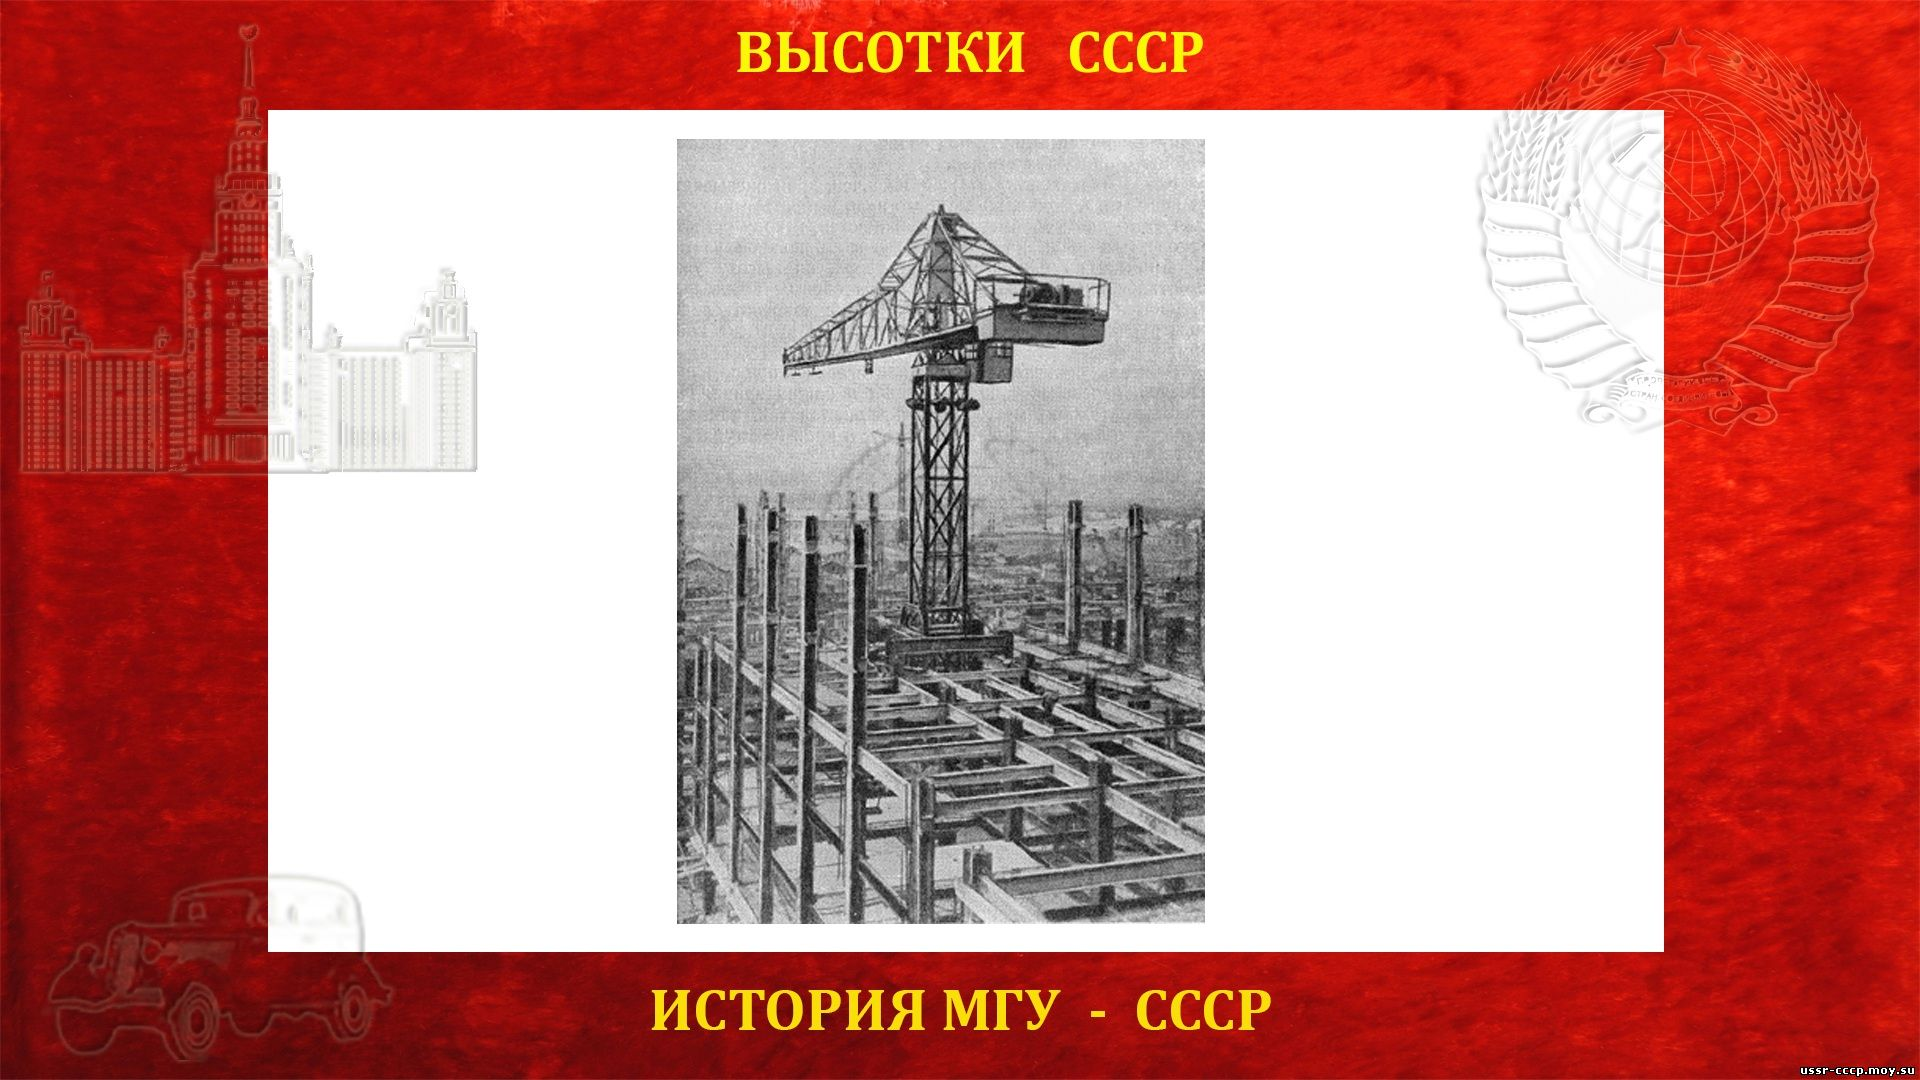 УБК-5-49 на строительстве здания МГУ (повествование)